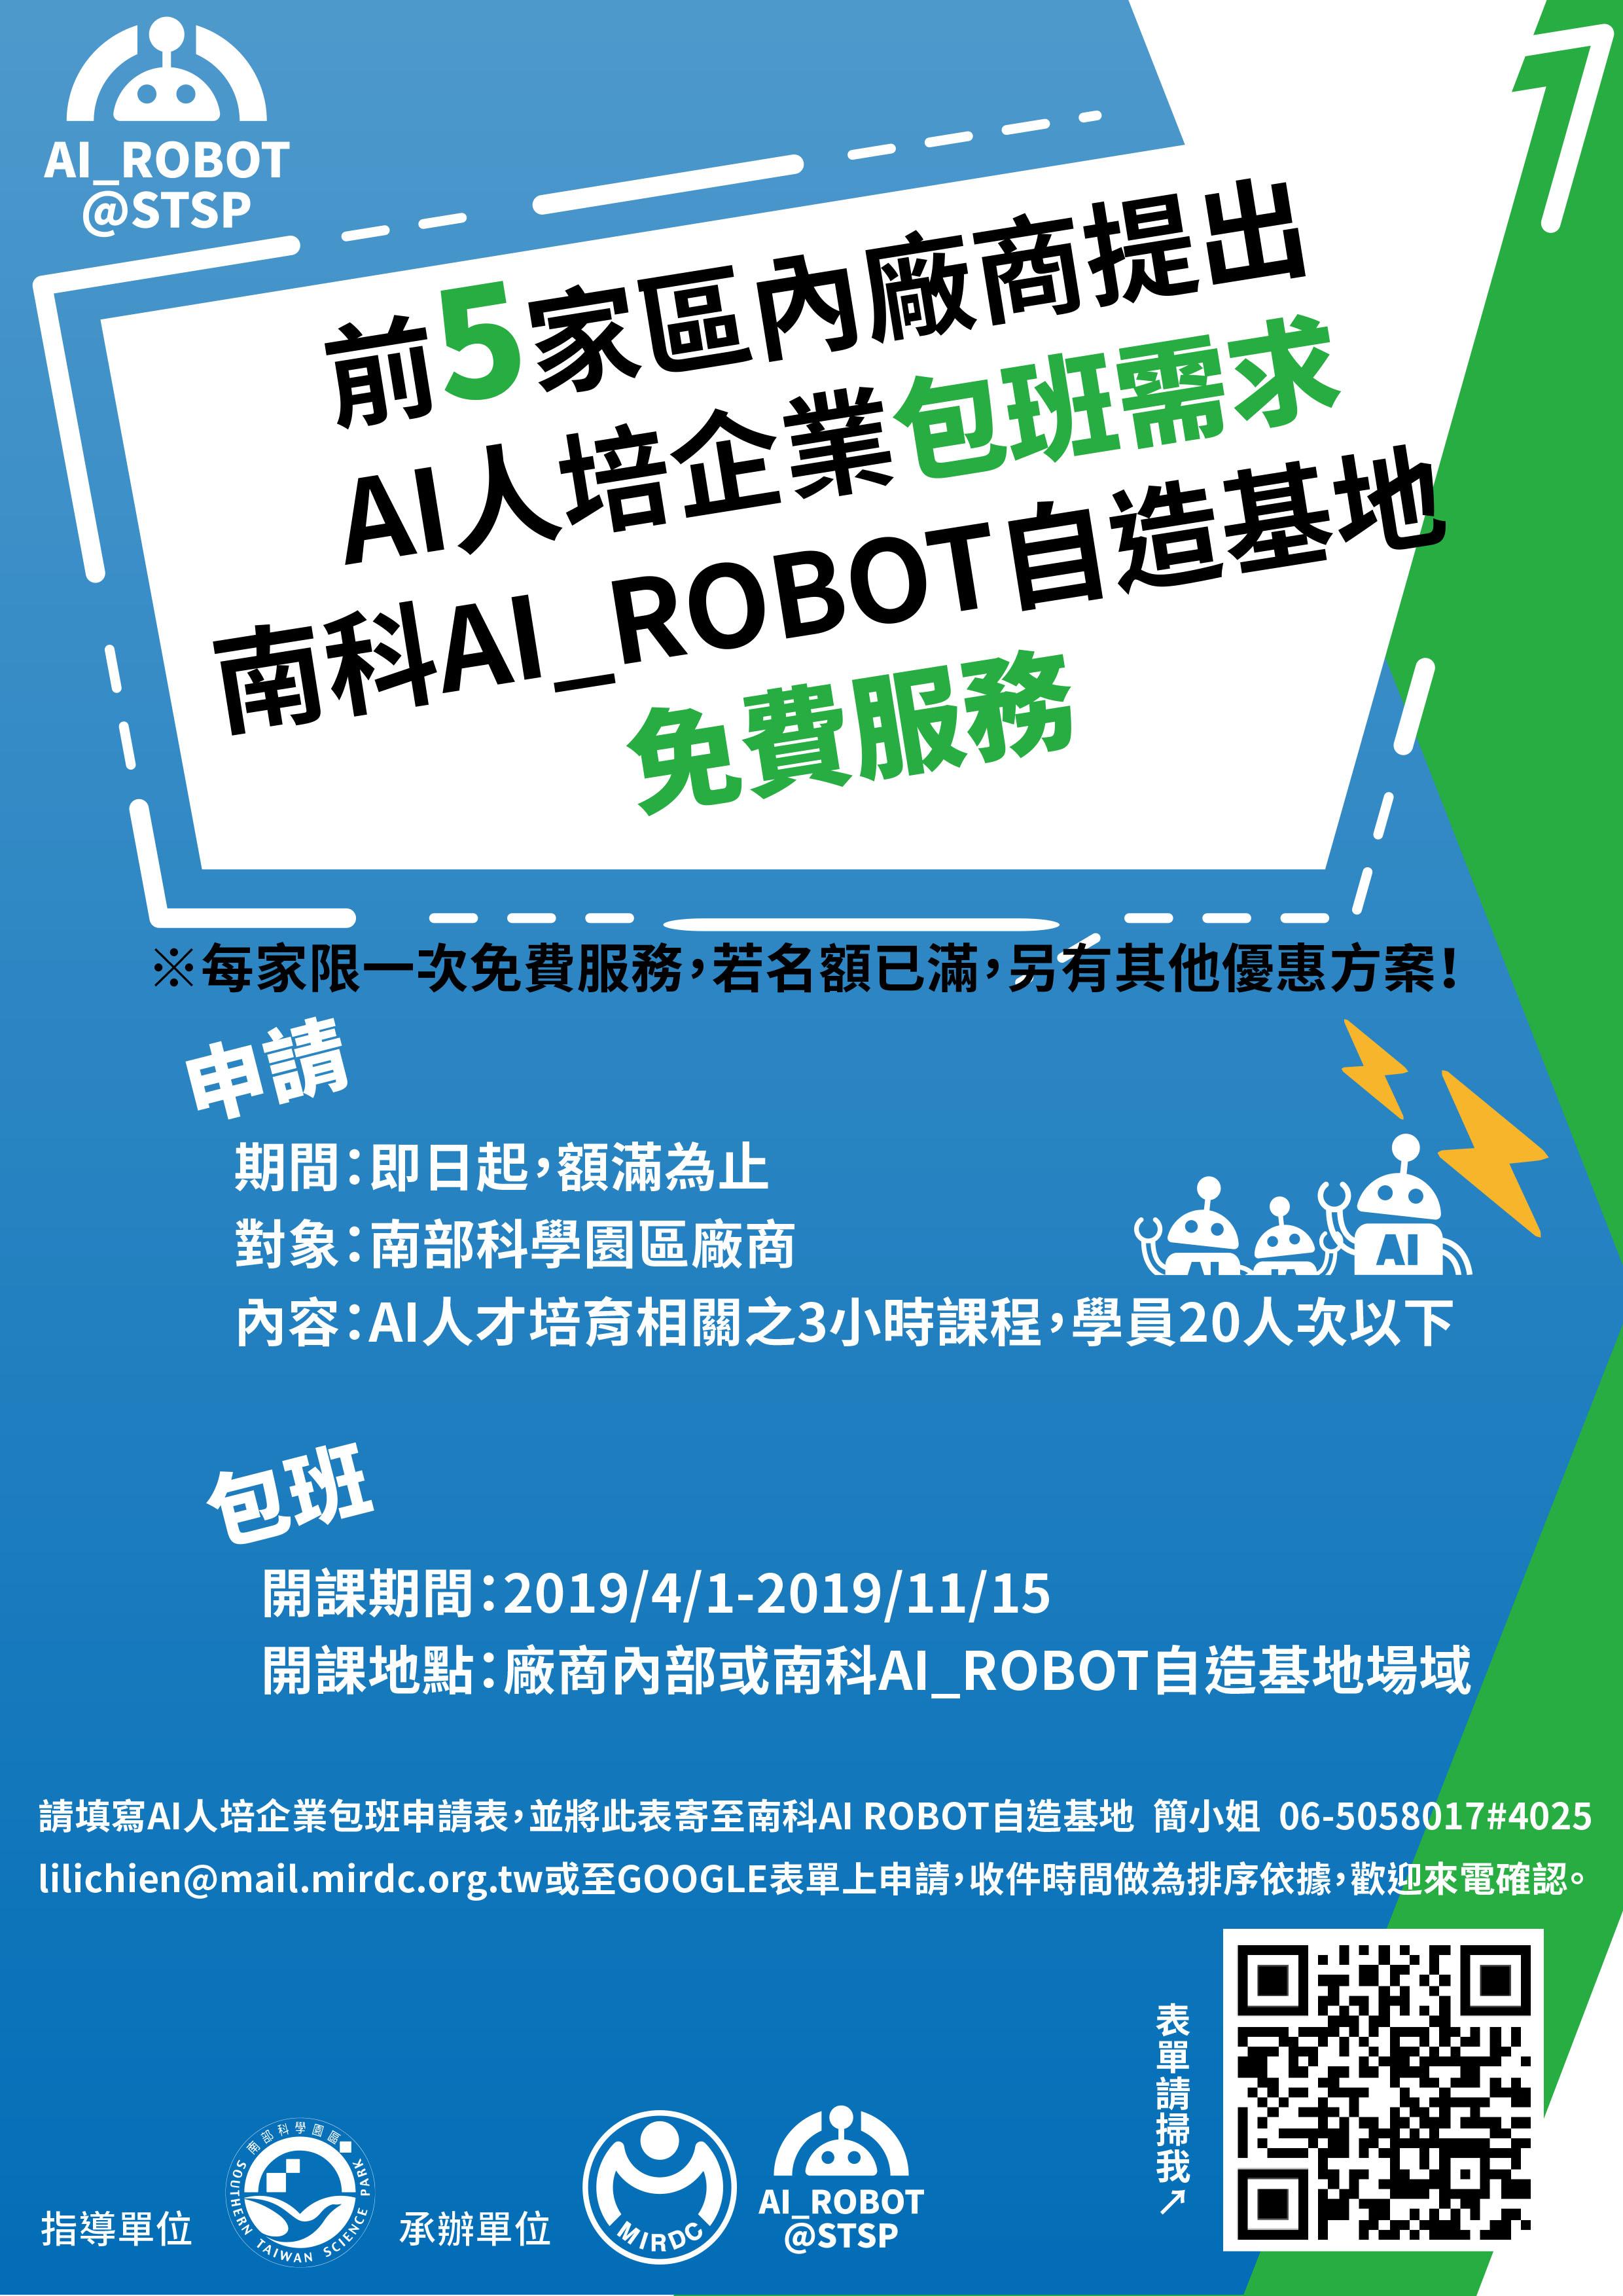 財團法人金屬工業研究發展中心經營科技部南科管理局「南科AI_ROBOT自造基地」包班服務